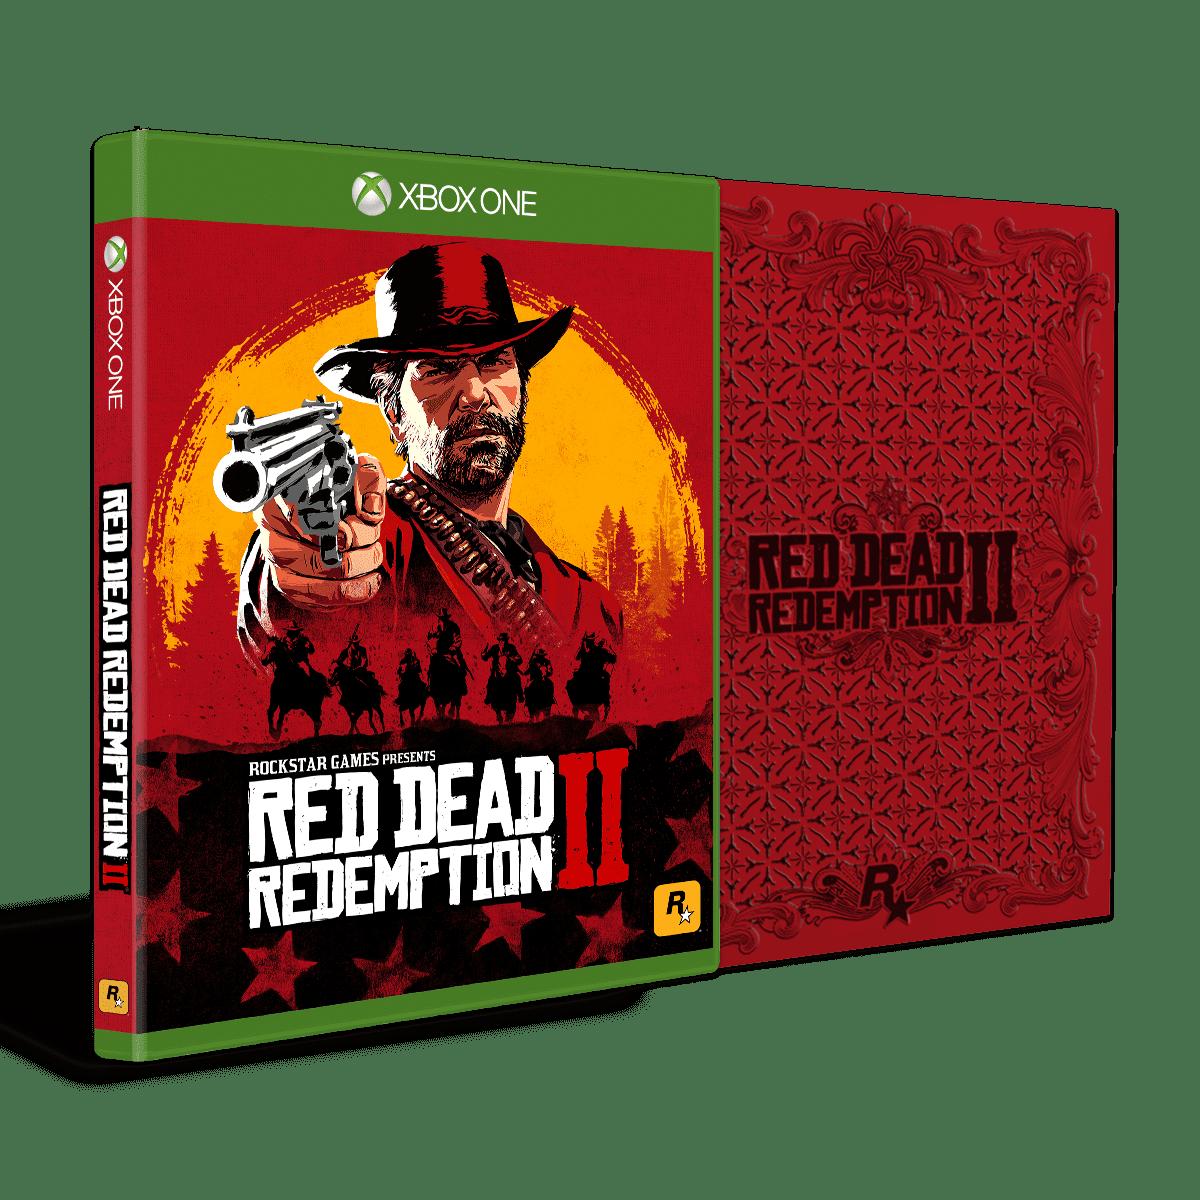 Red Dead Redemption 2 Steelbook Edition, Rockstar Games ...